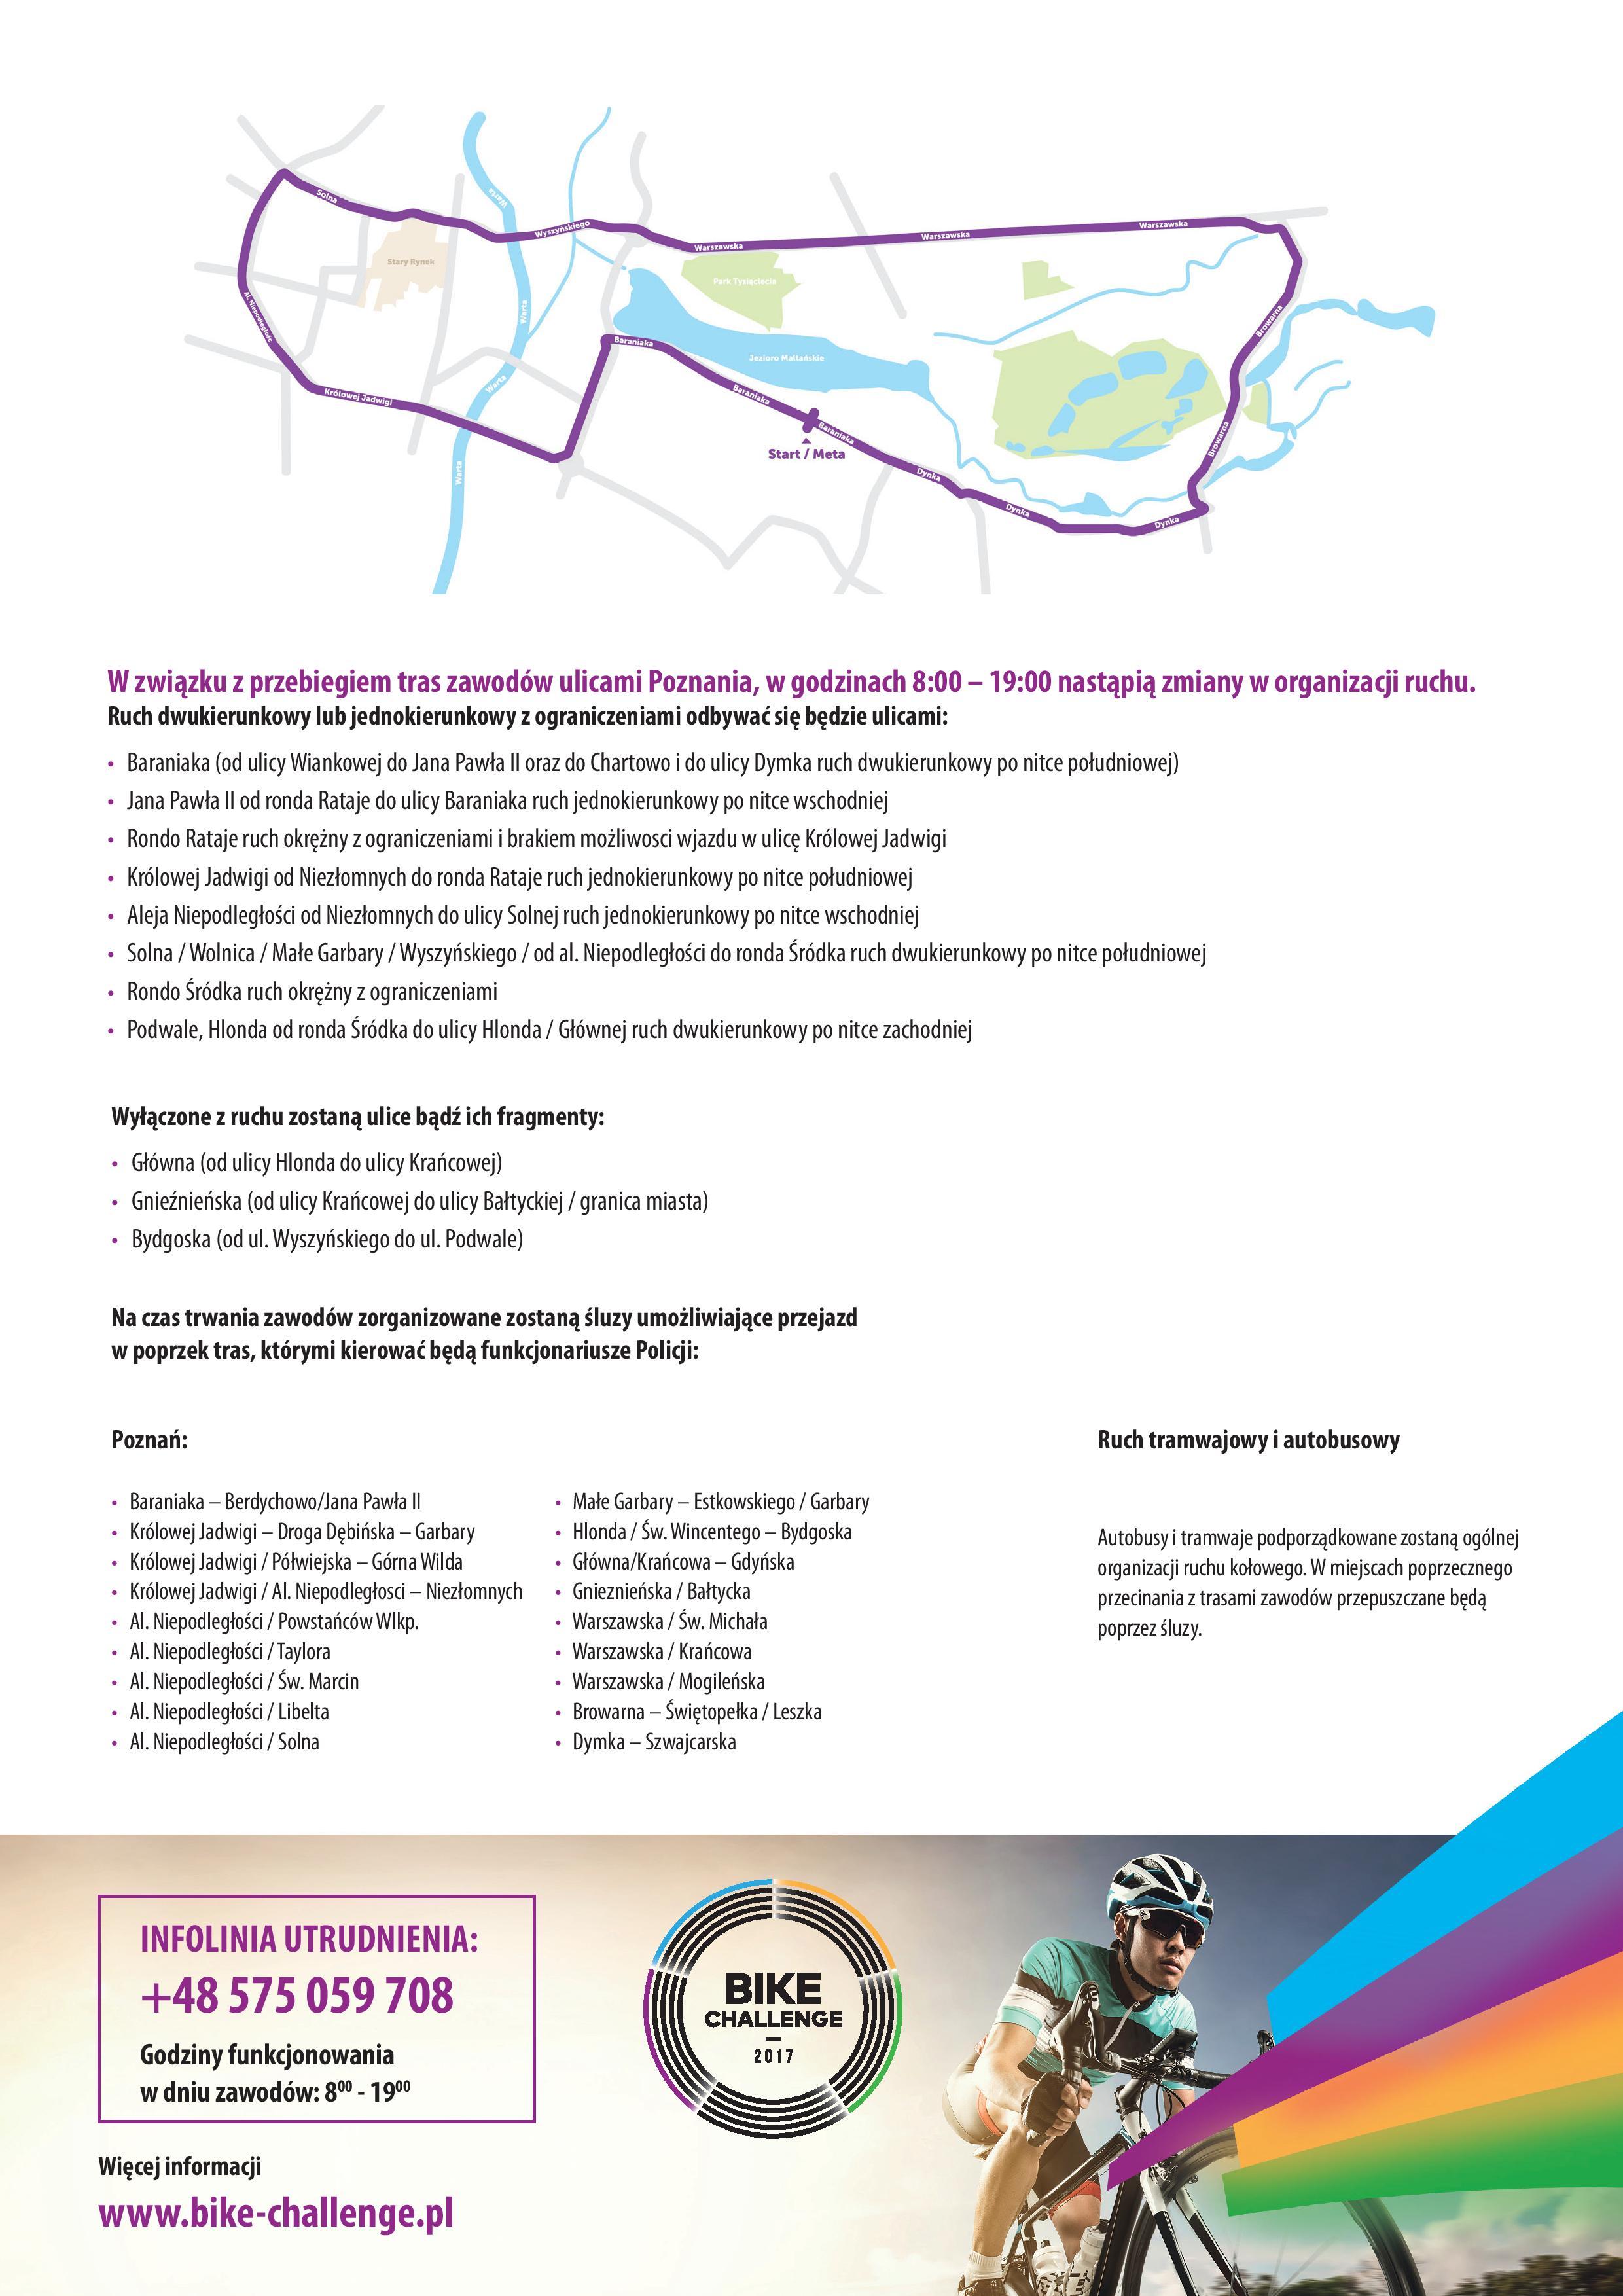 ulotka_informacyjna_10.09-page-002